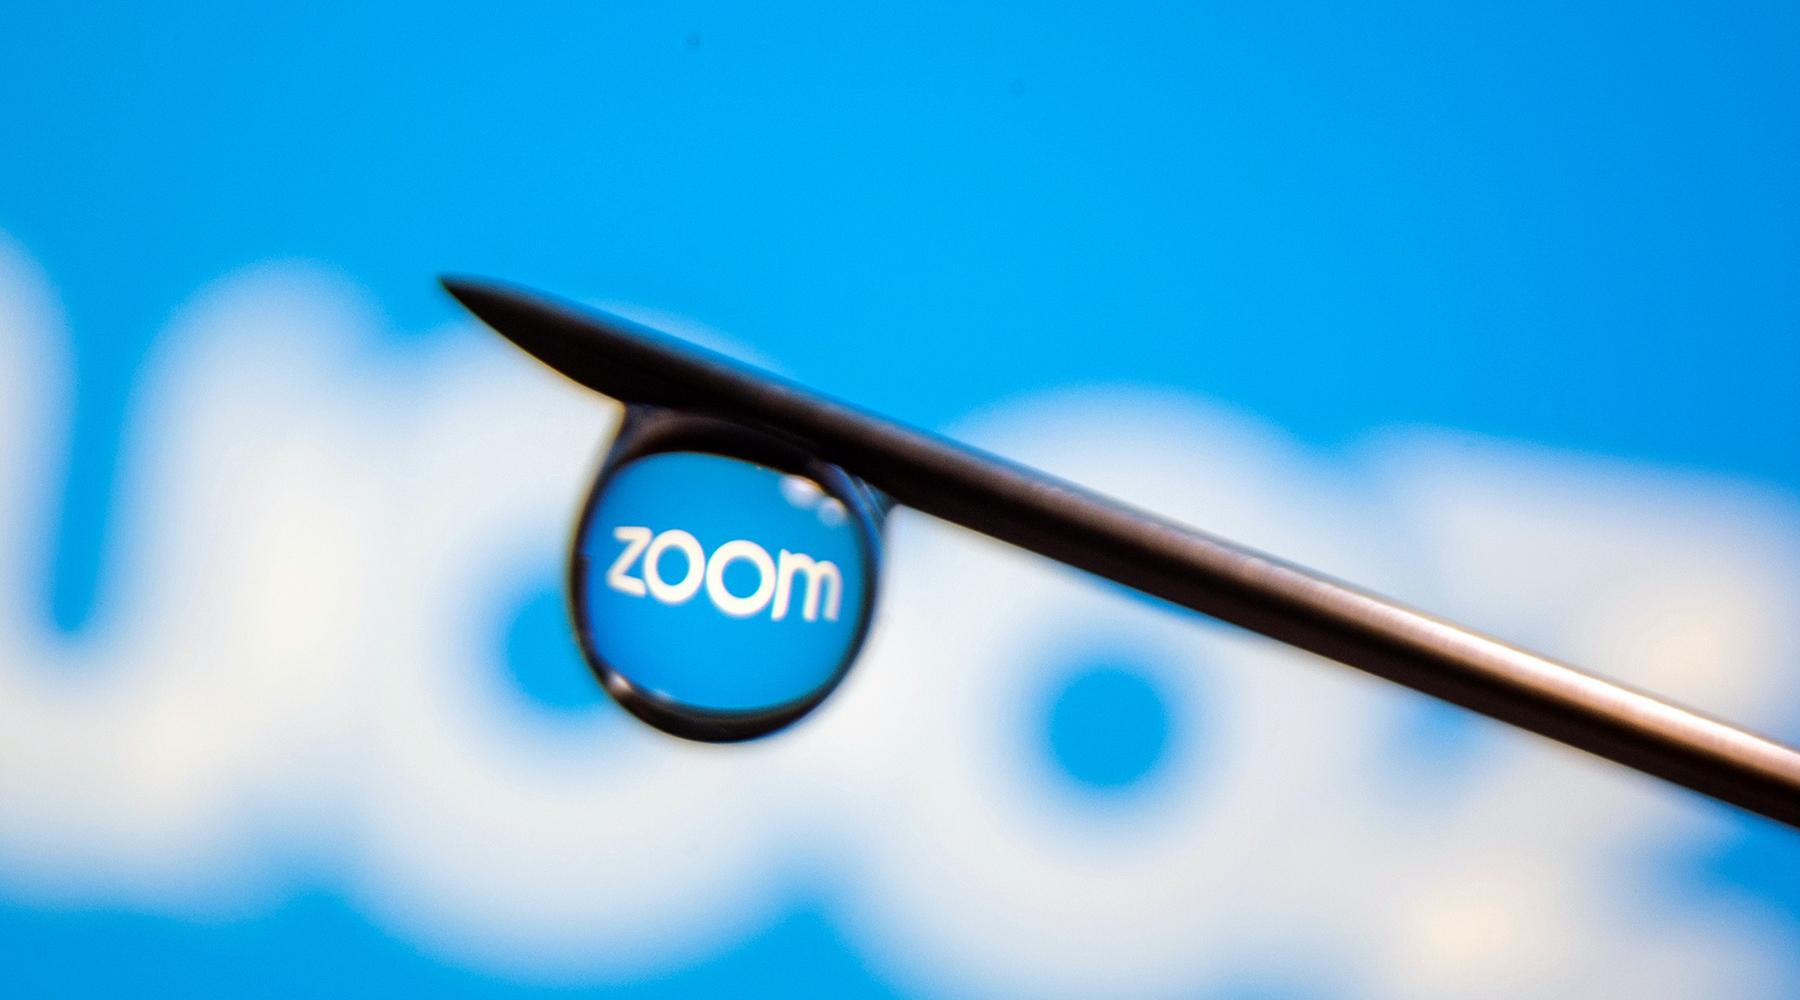 «Необходимо развивать свои платформы»: как в России отреагировали на ситуацию с Zoom1